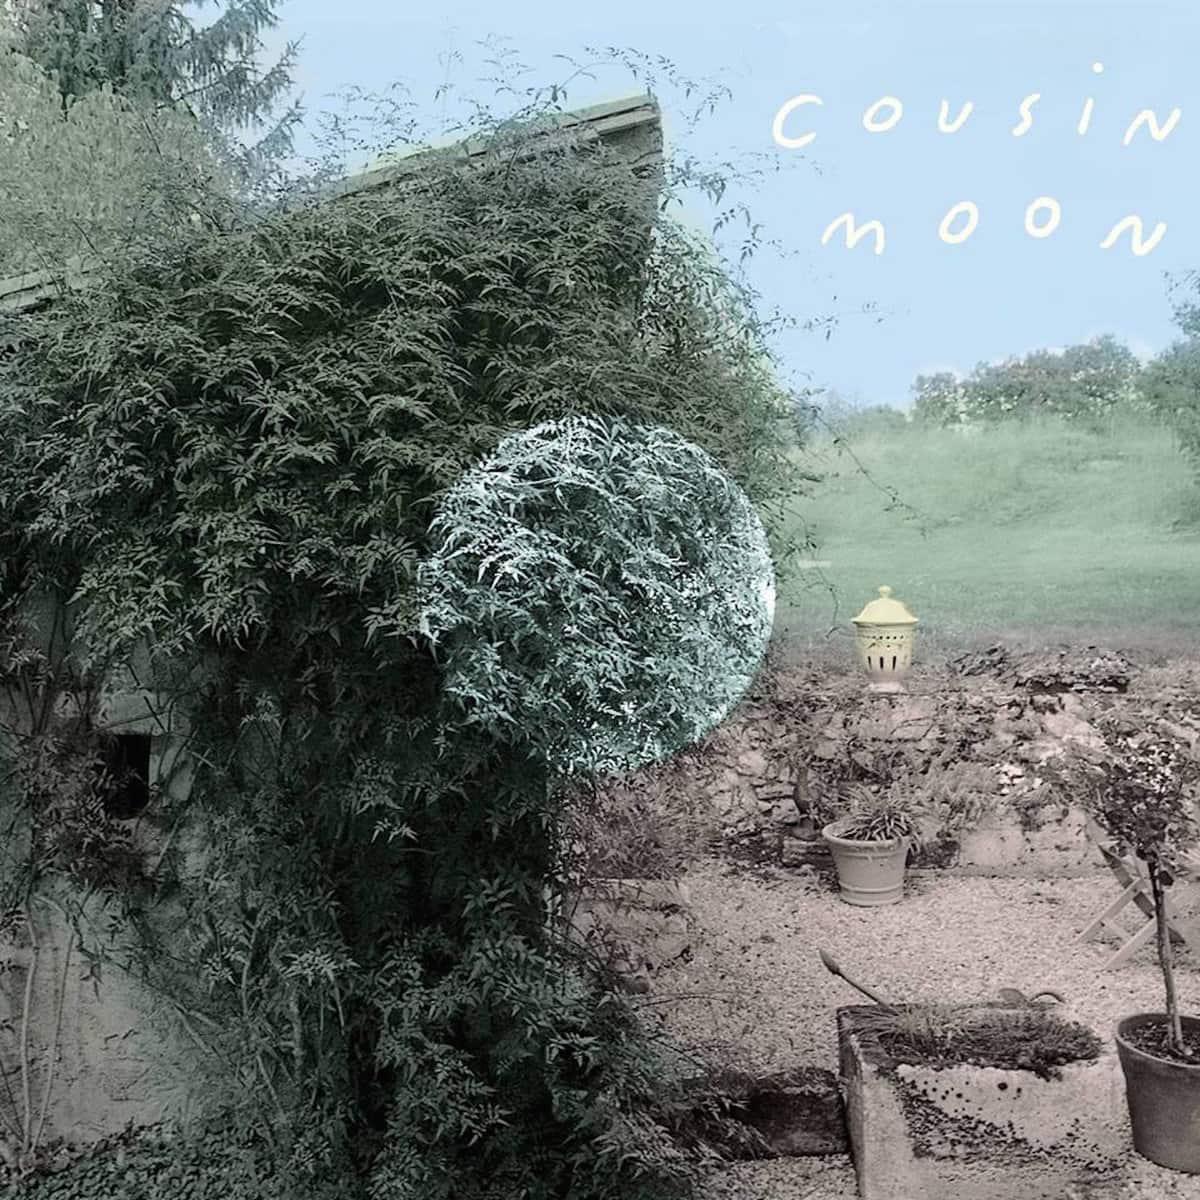 Cousin Moon, Massachusetts band